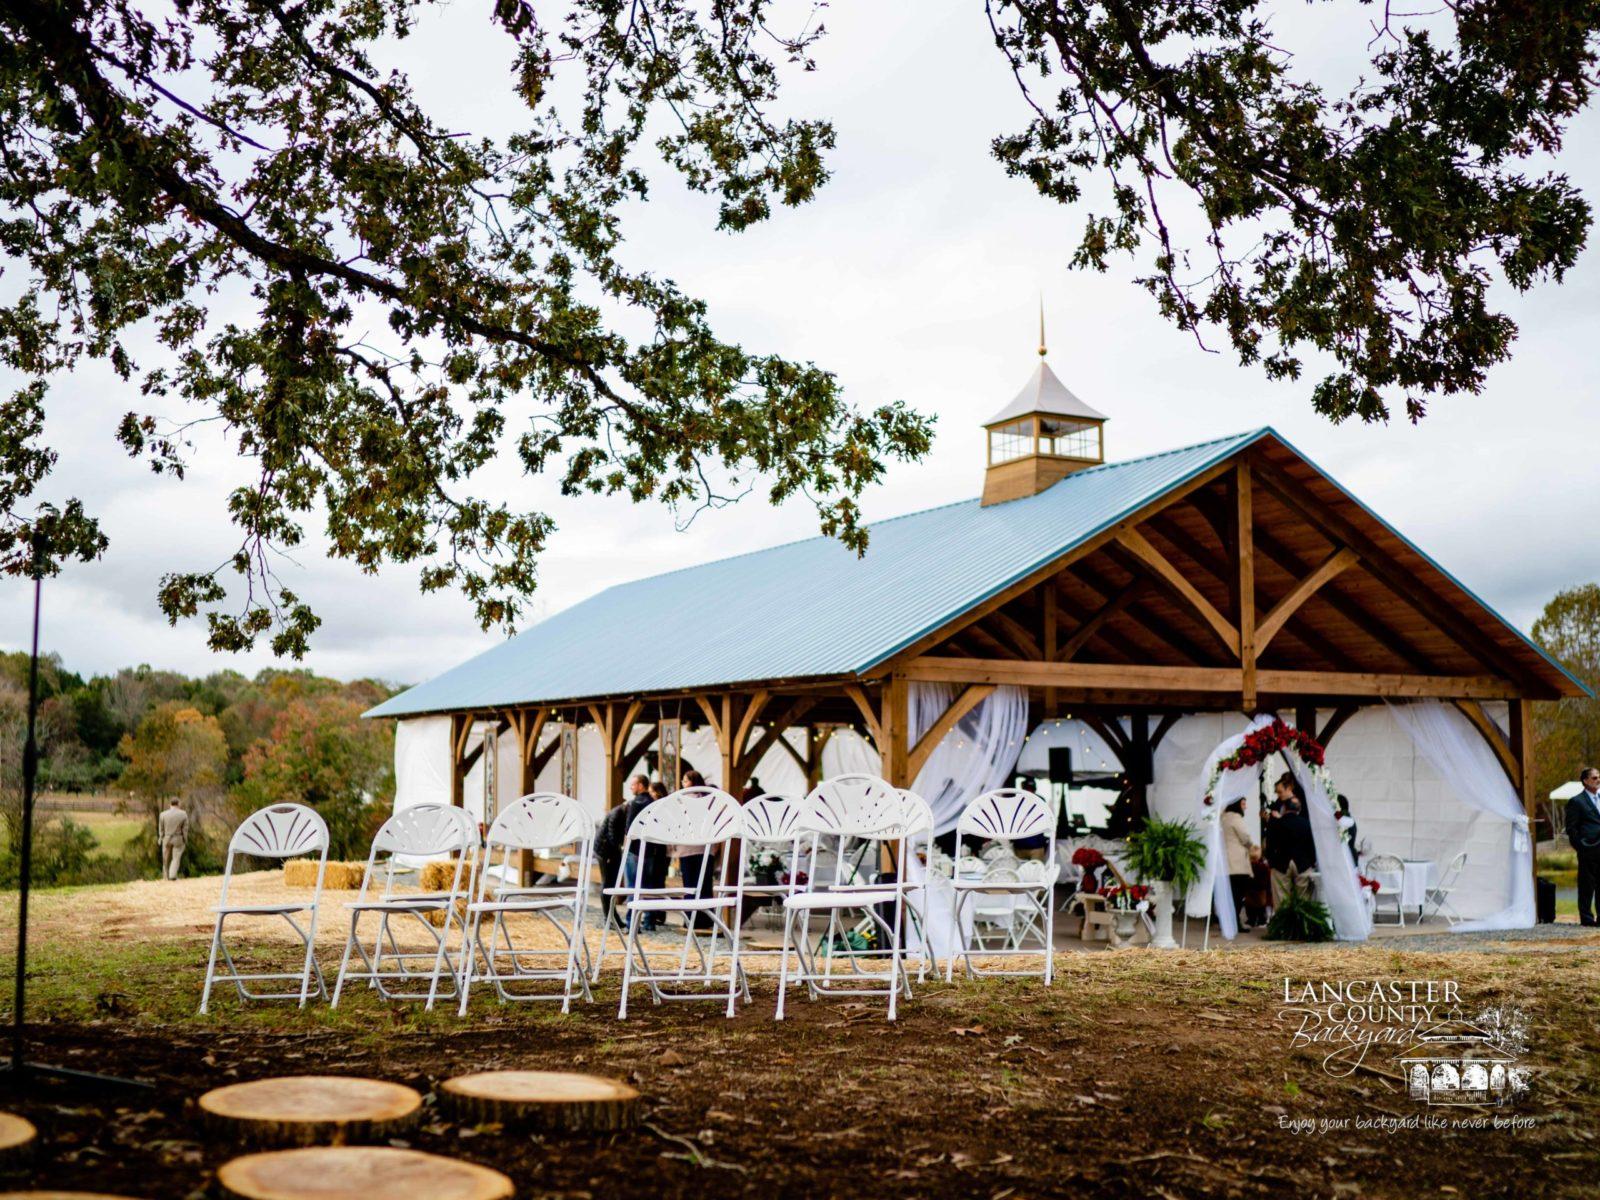 kingston timber frame pavilion kits